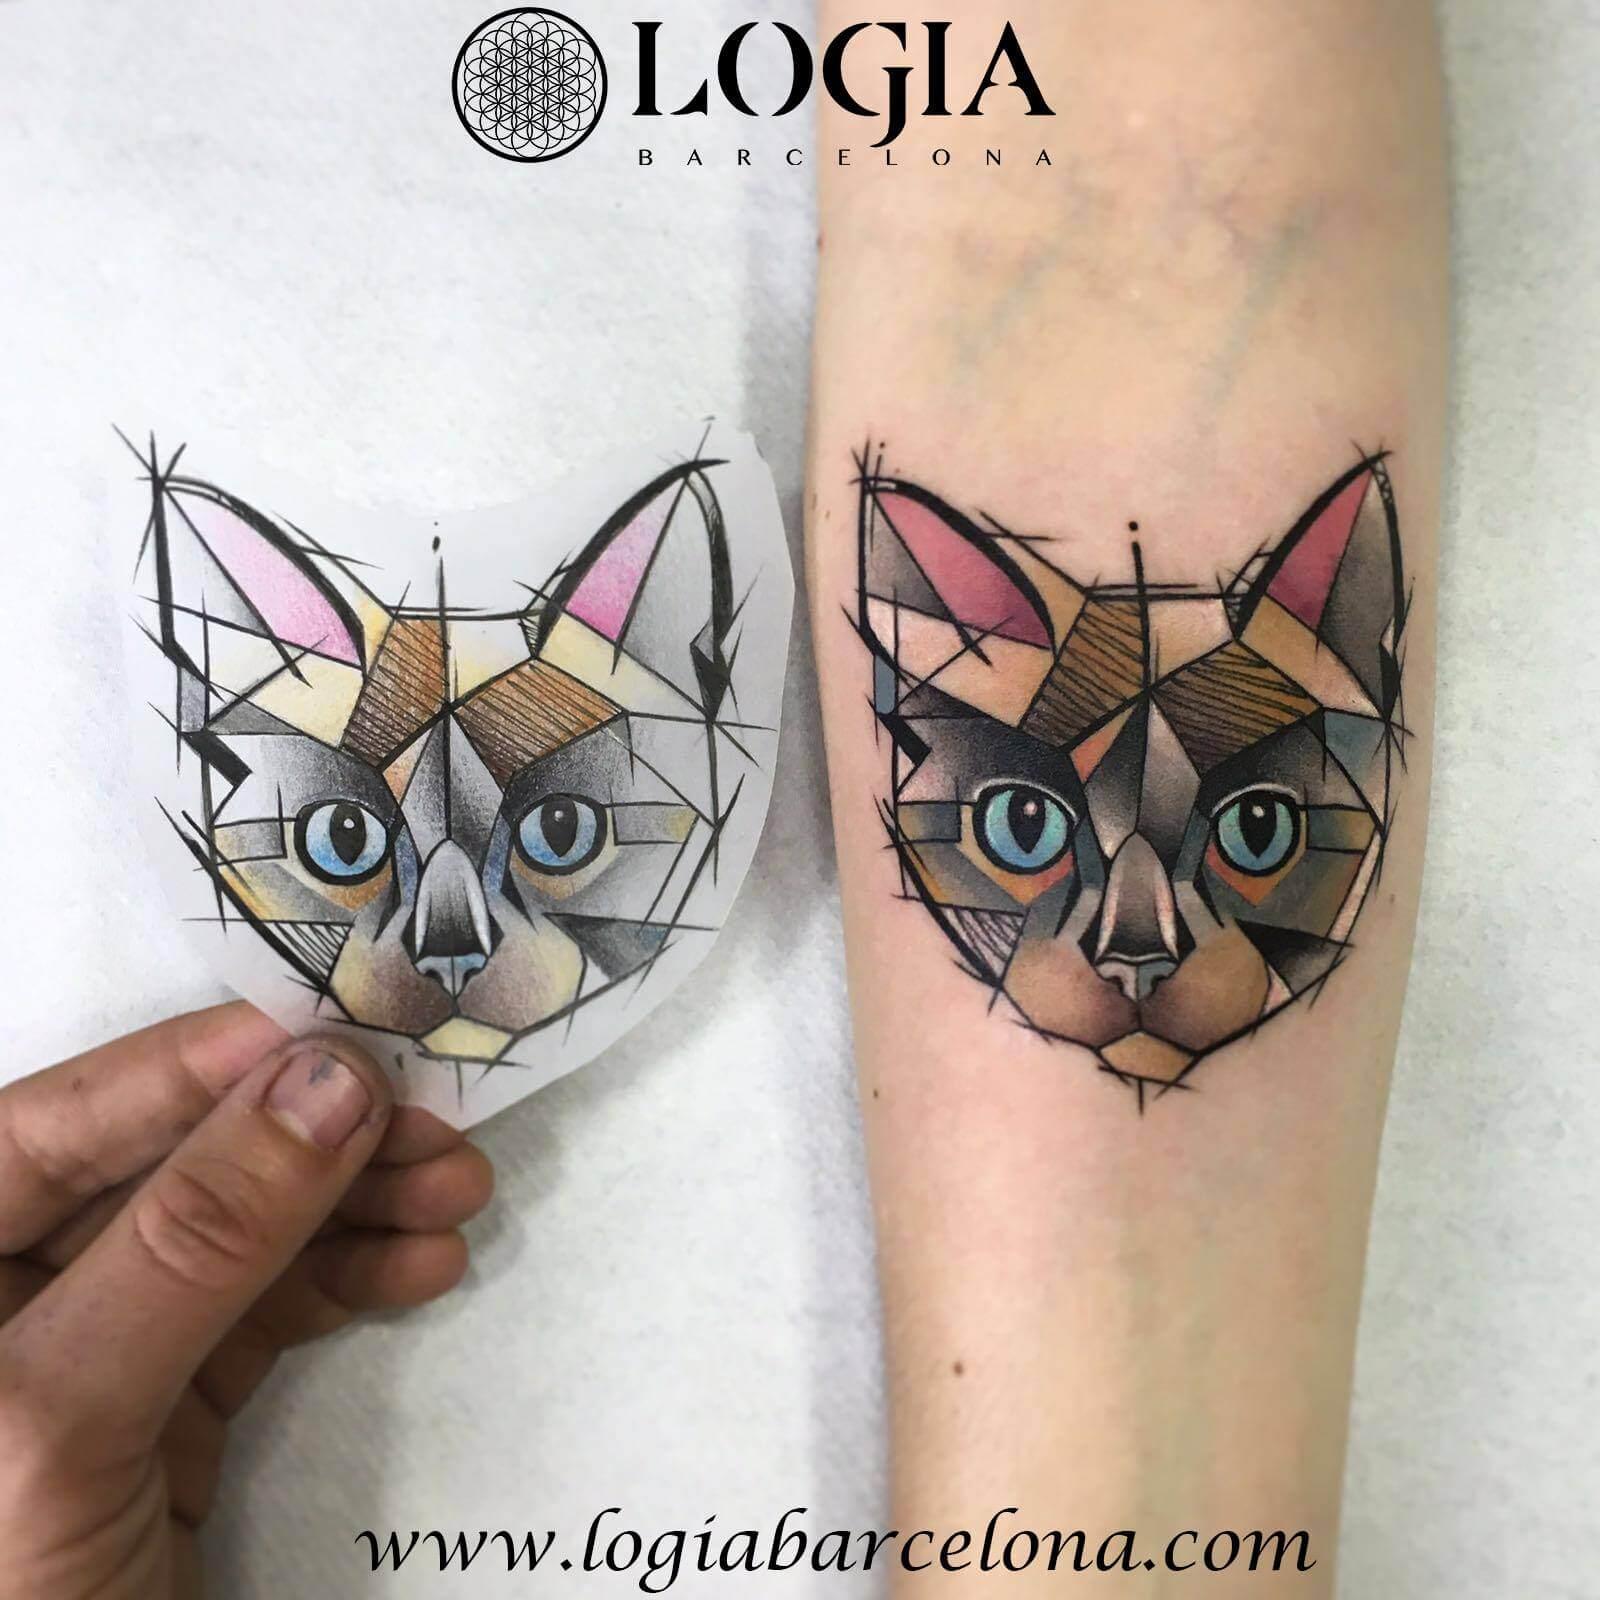 Copyright de tatuajes, ¿cómo funciona?